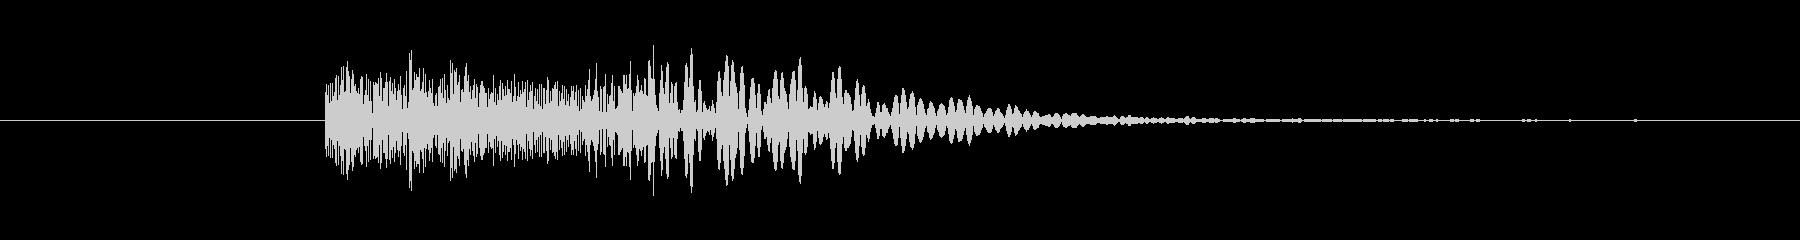 ヘヴィメタ風 ブリッジミュート音の未再生の波形